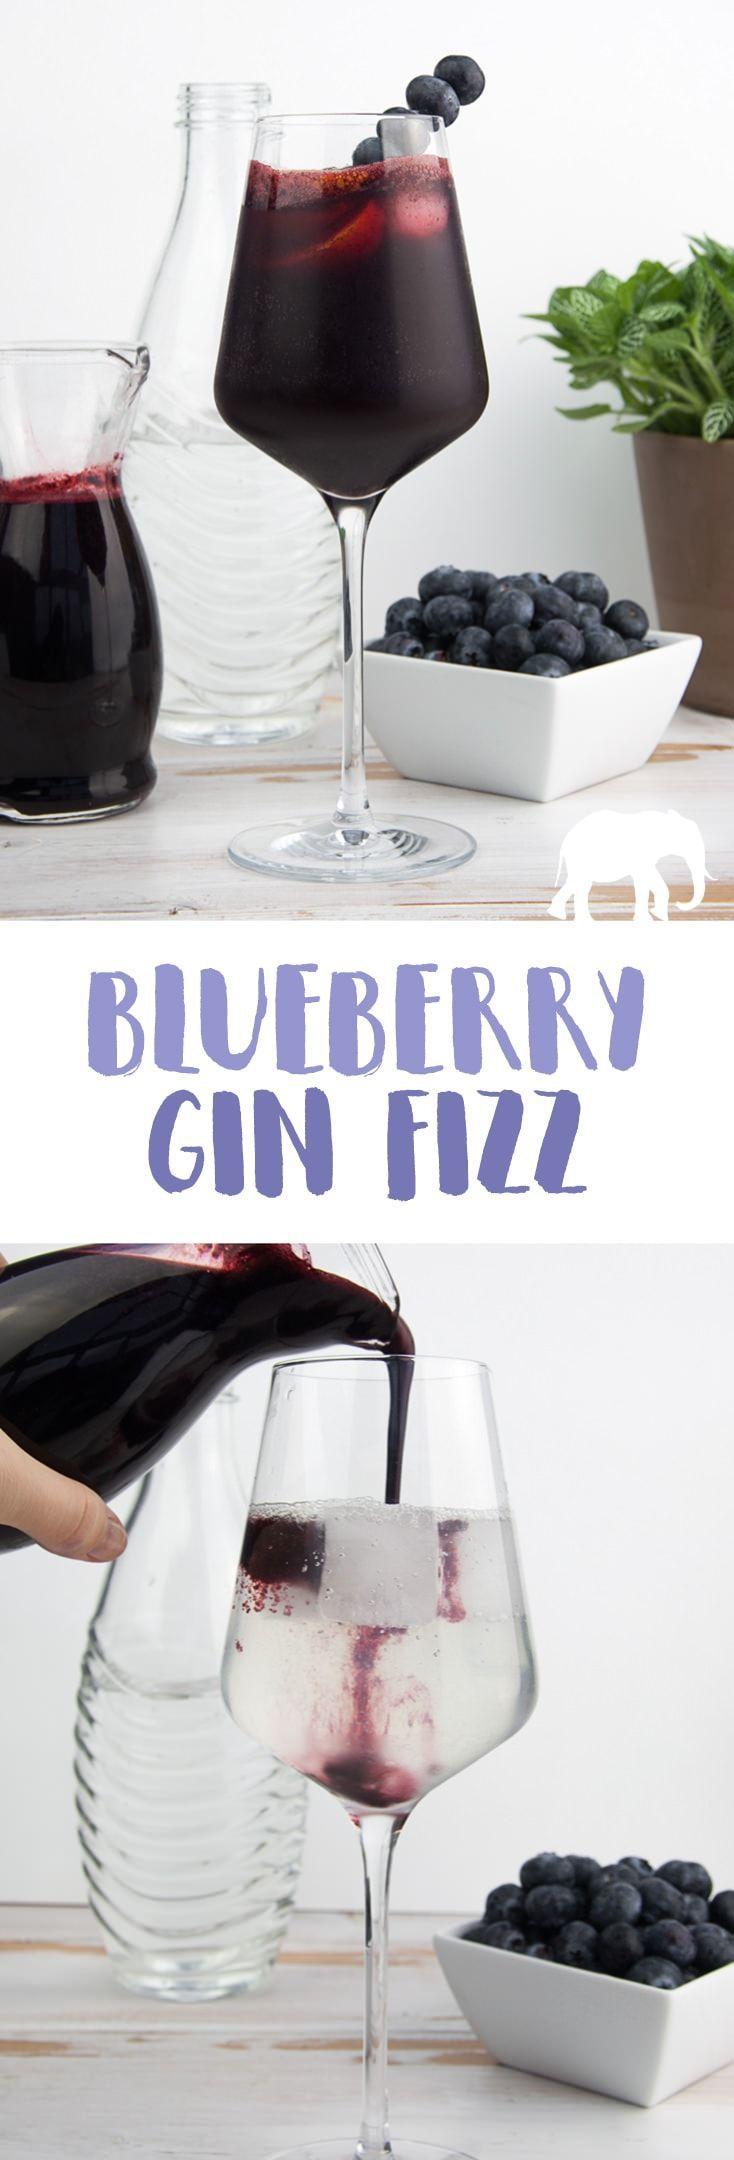 Gin Fizz with homemade blueberry syrup |  via @elephantasticv